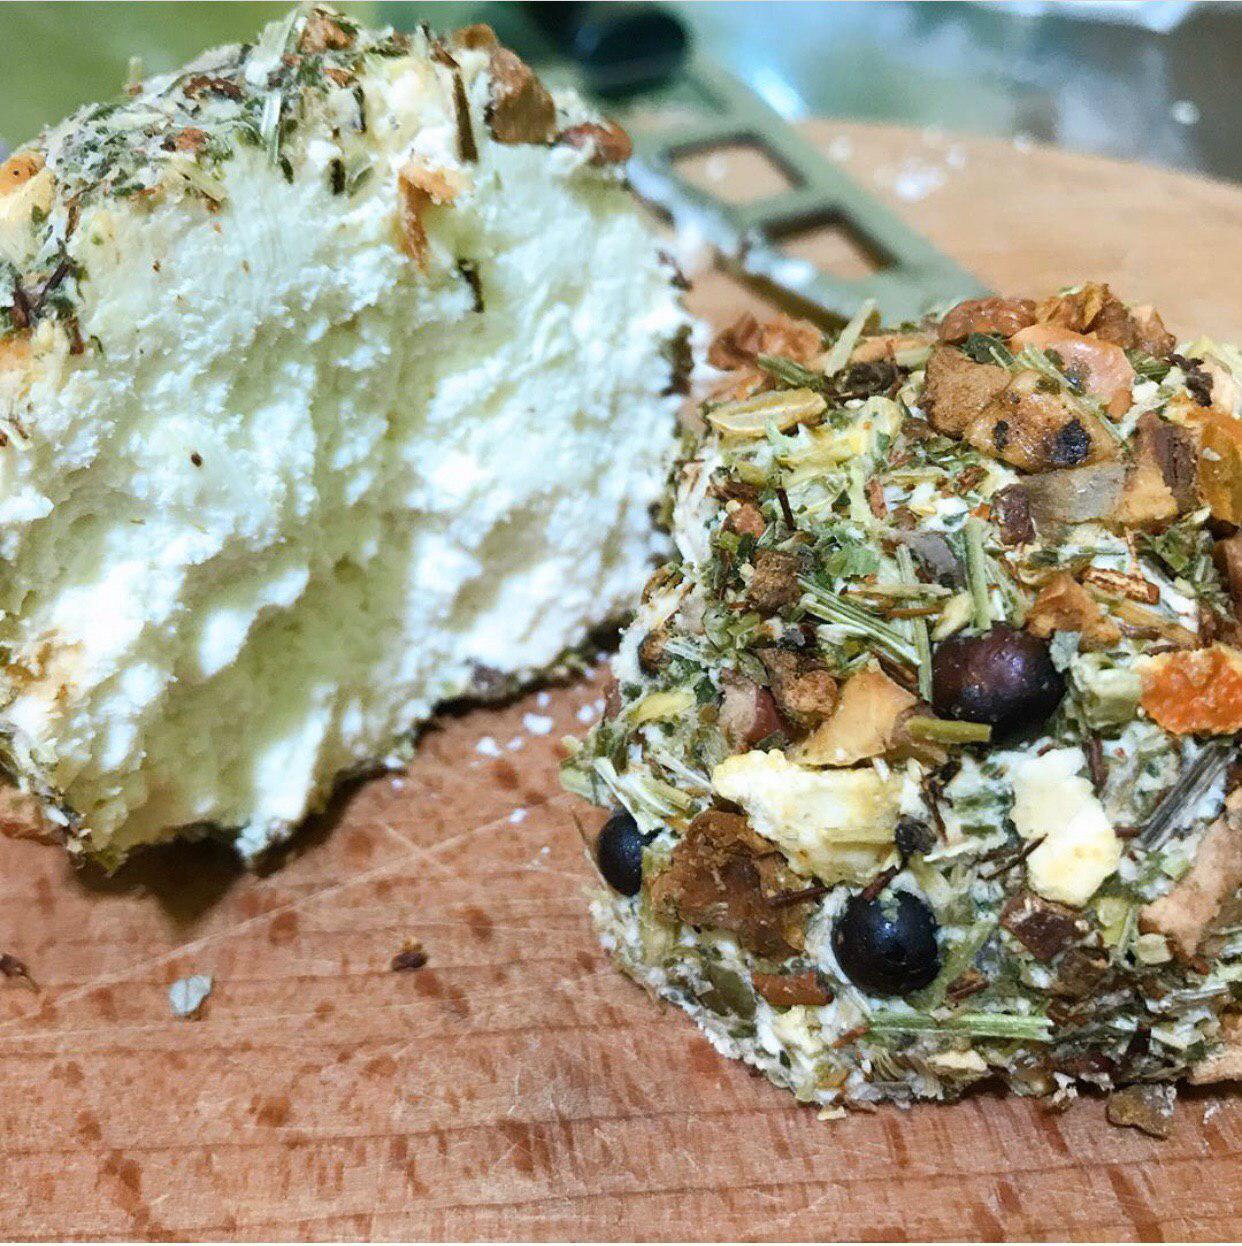 Сэр Бурбон сир - вкусная покупка от производителя